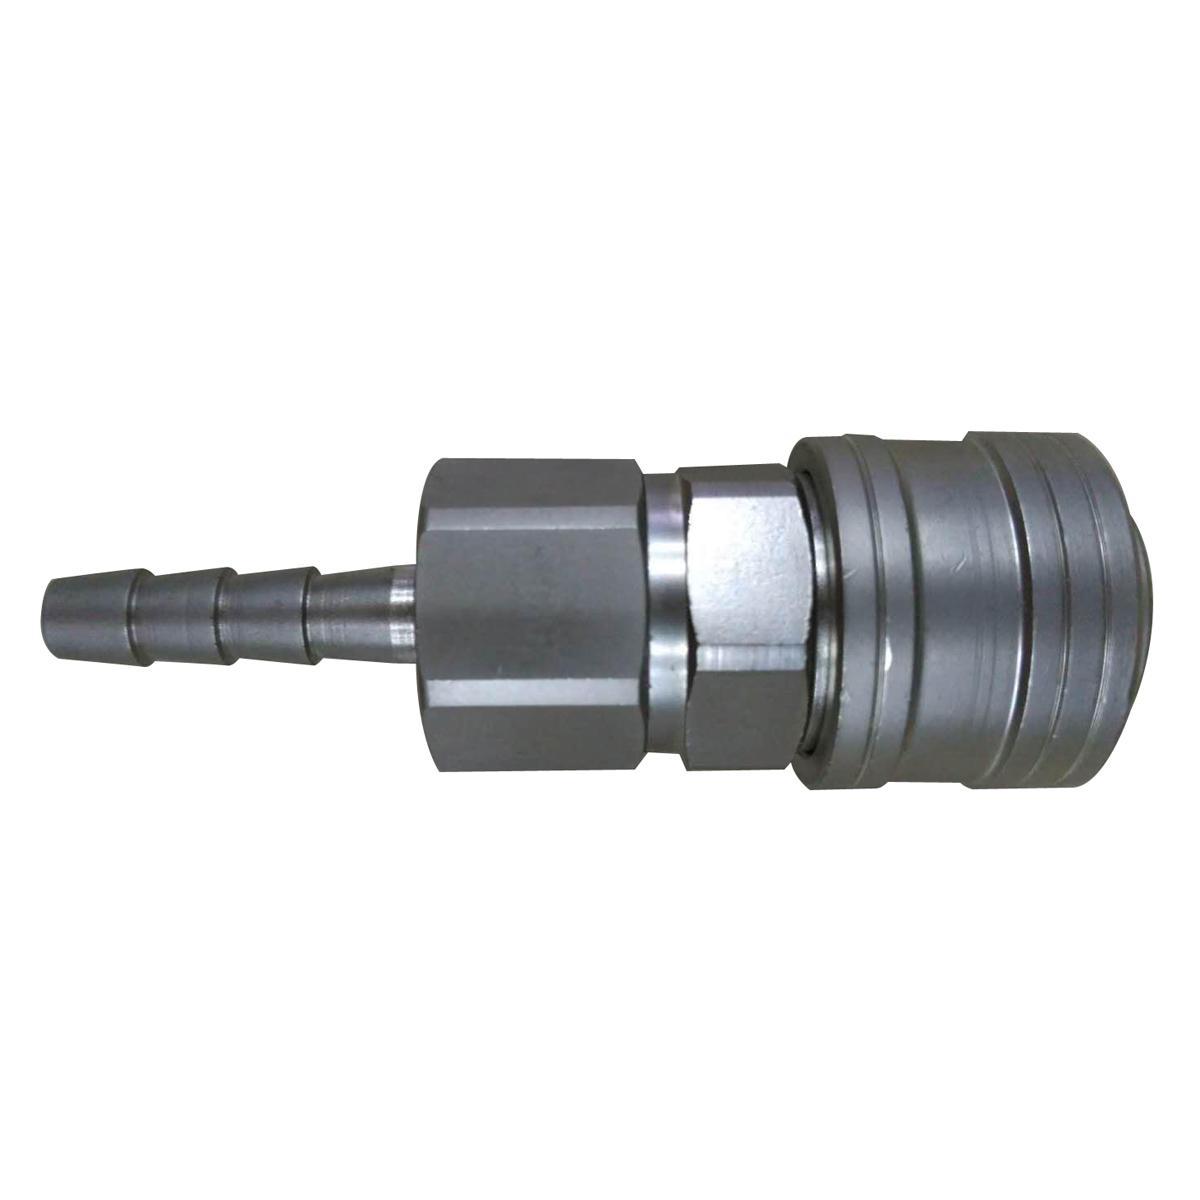 盈科INCO插管插座,插管10mm,10个/盒,SH304